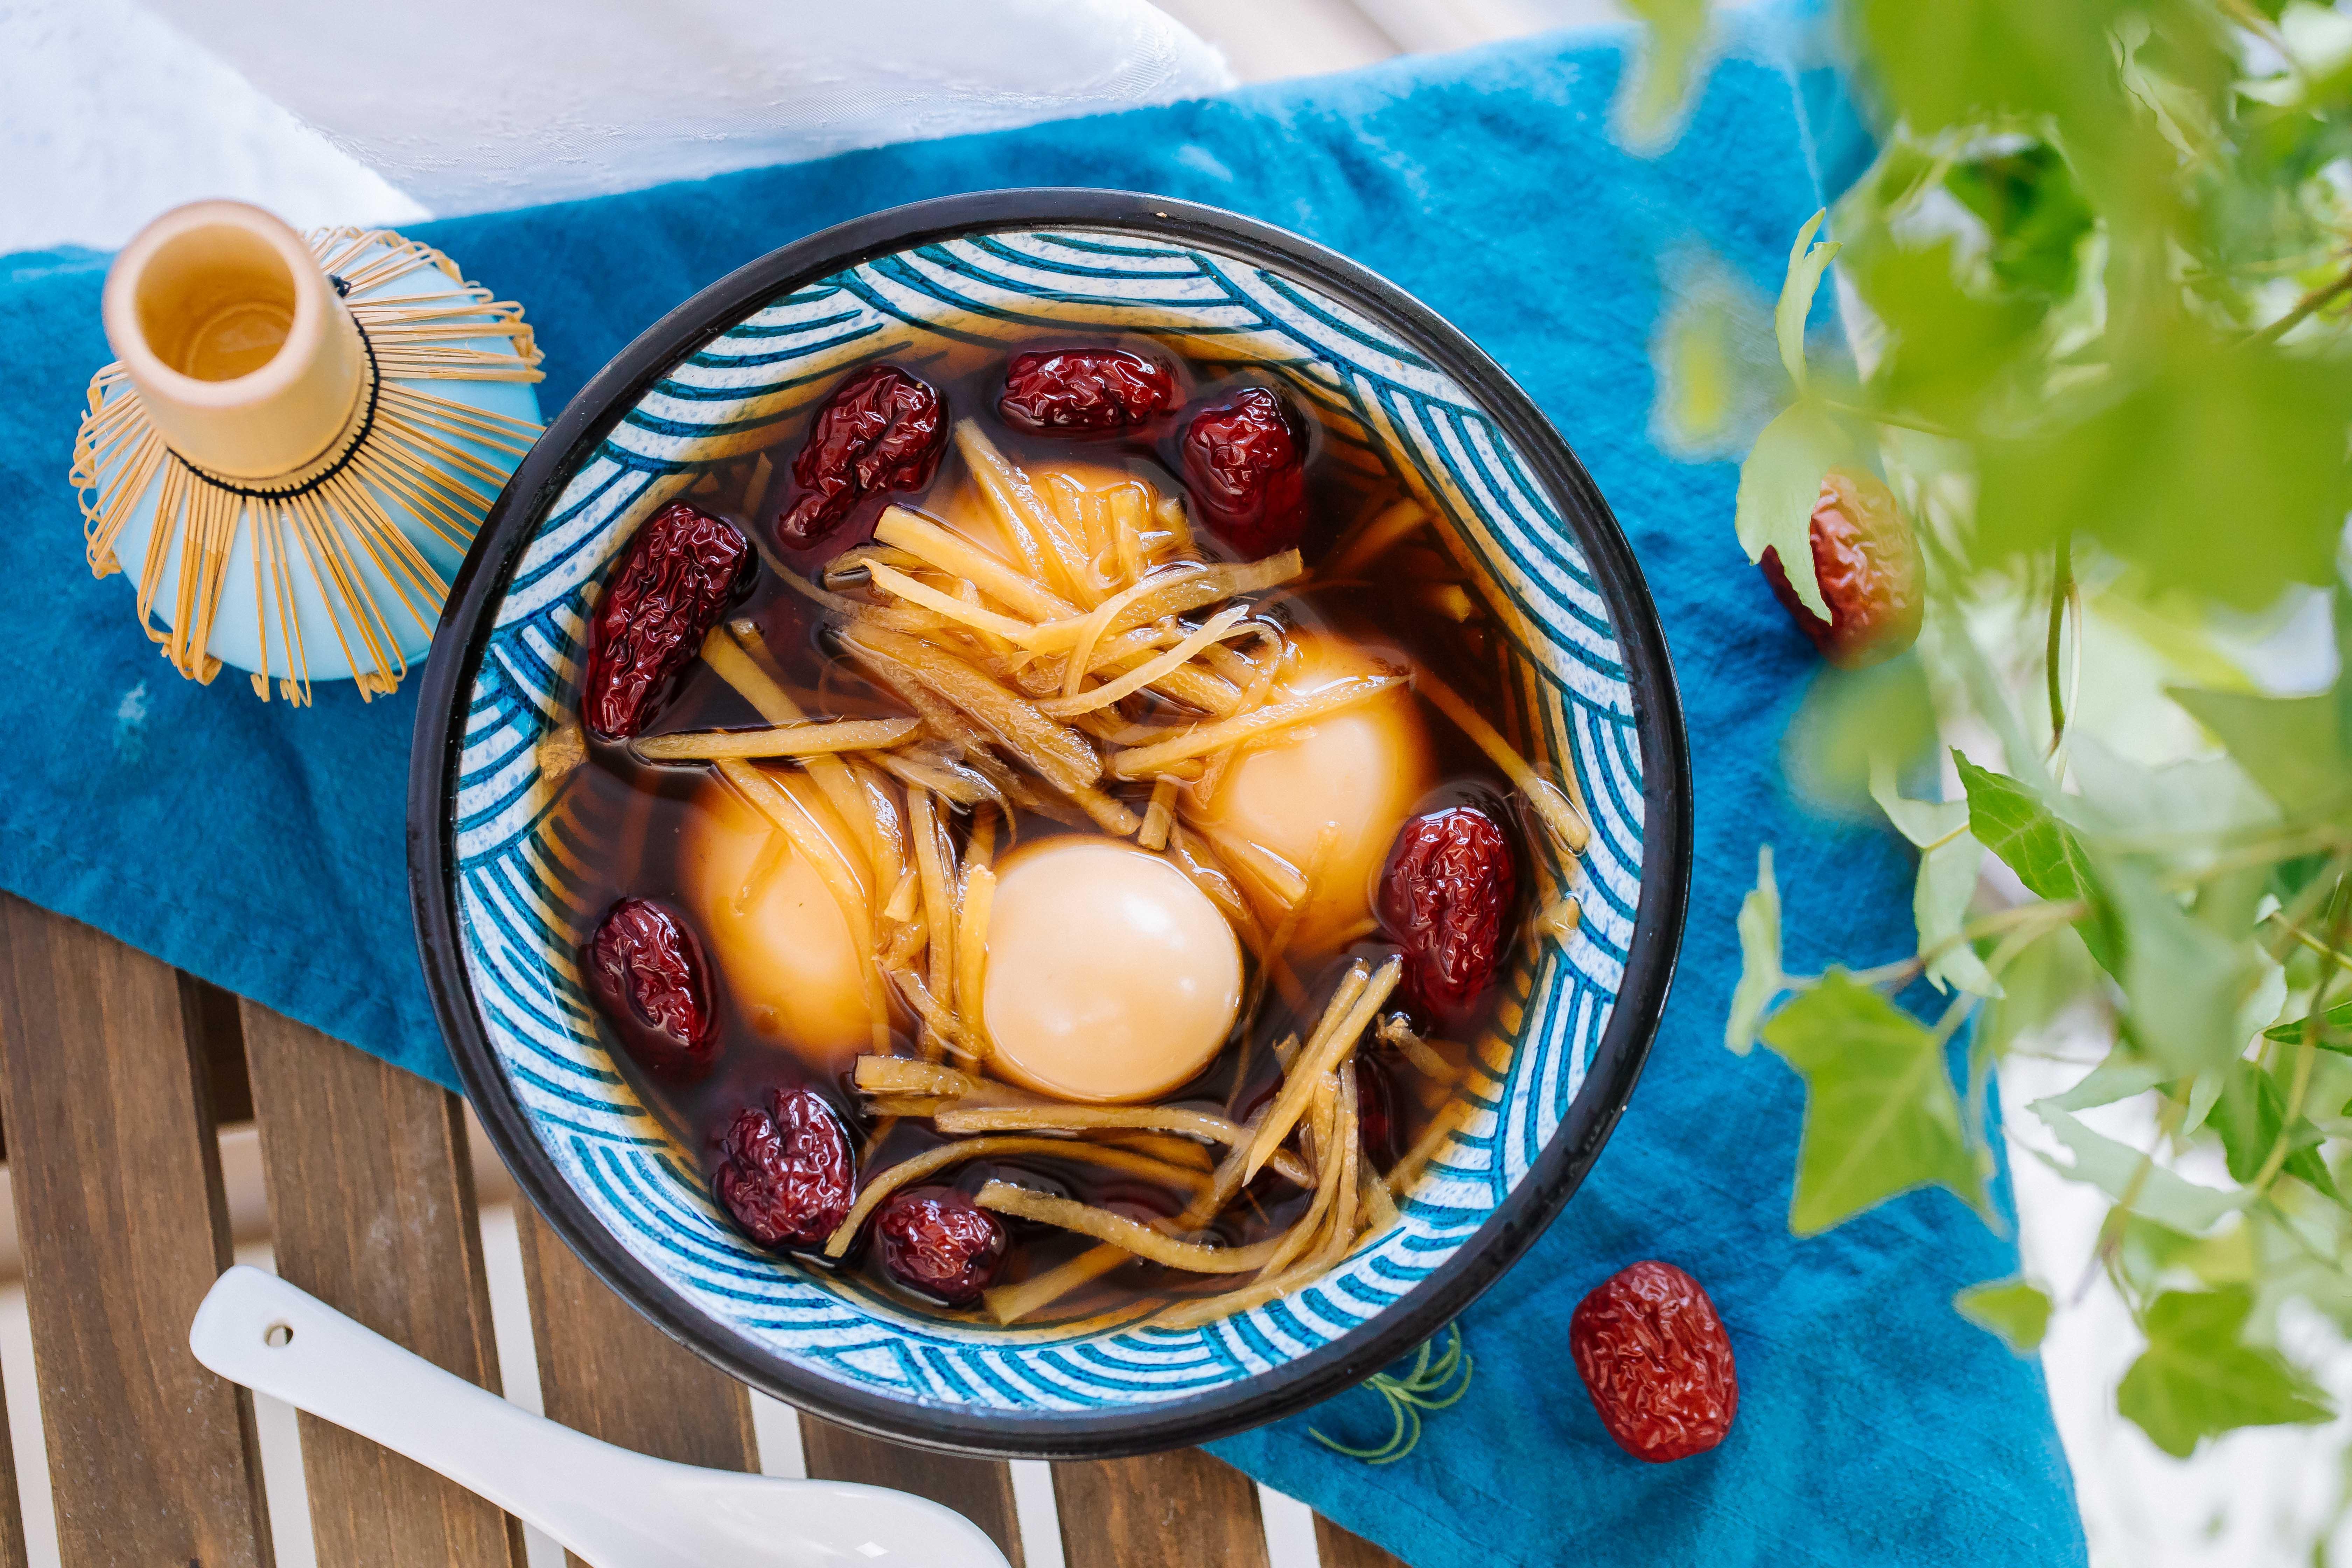 夏至吃了蛋,热天不疰夏,这一碗养生糖水得安排了!